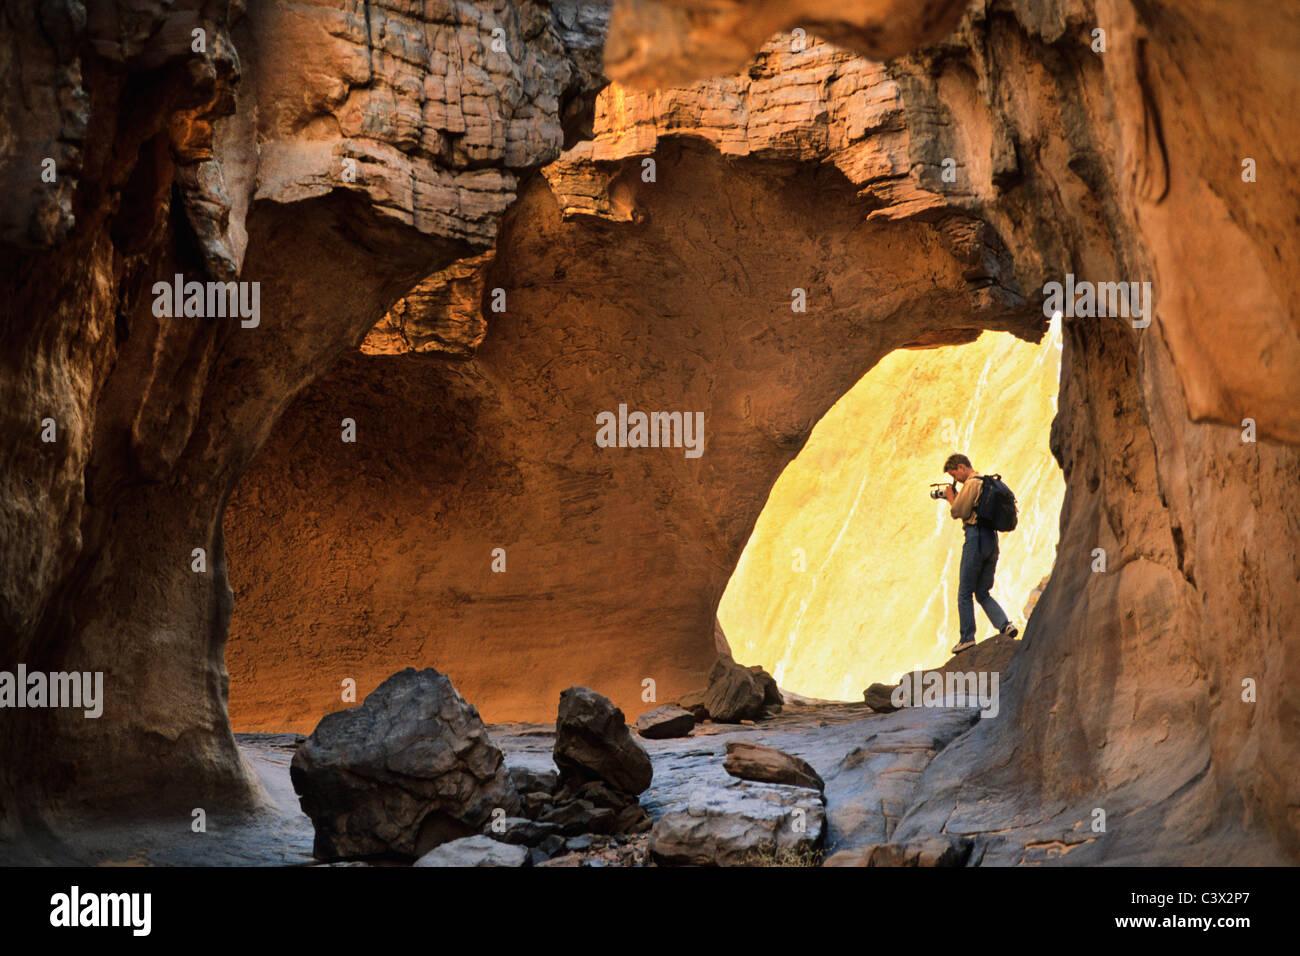 Algerien, Djanet. Nationalpark Tassili n ' Ajjer. UNESCO-Weltkulturerbe. Touristen machen Video/Film. Wüste Stockbild